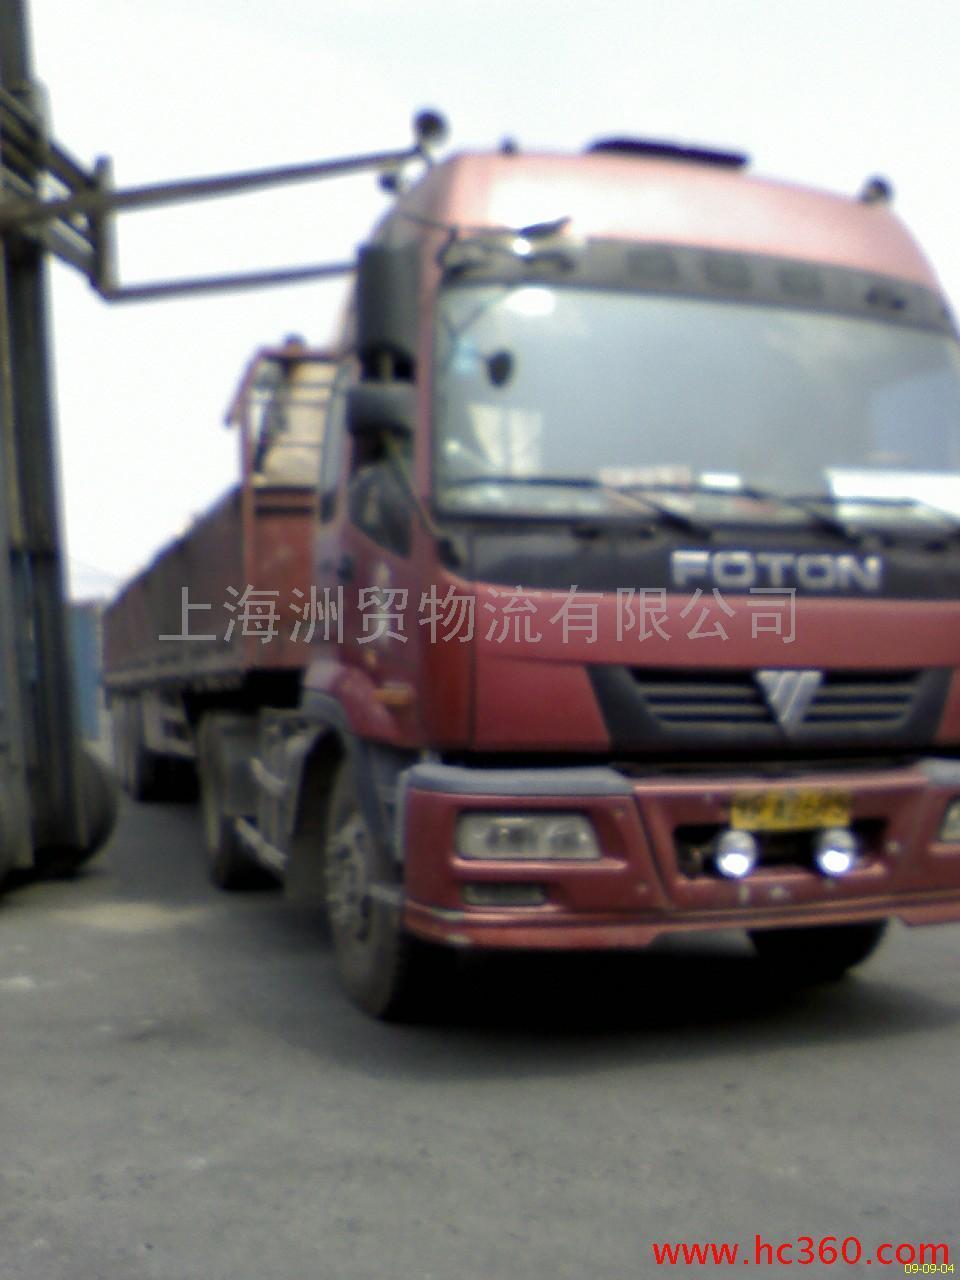 上海货运公司四川重庆物流专线,专业国内陆运,上海物流公司,公路运输物流服务